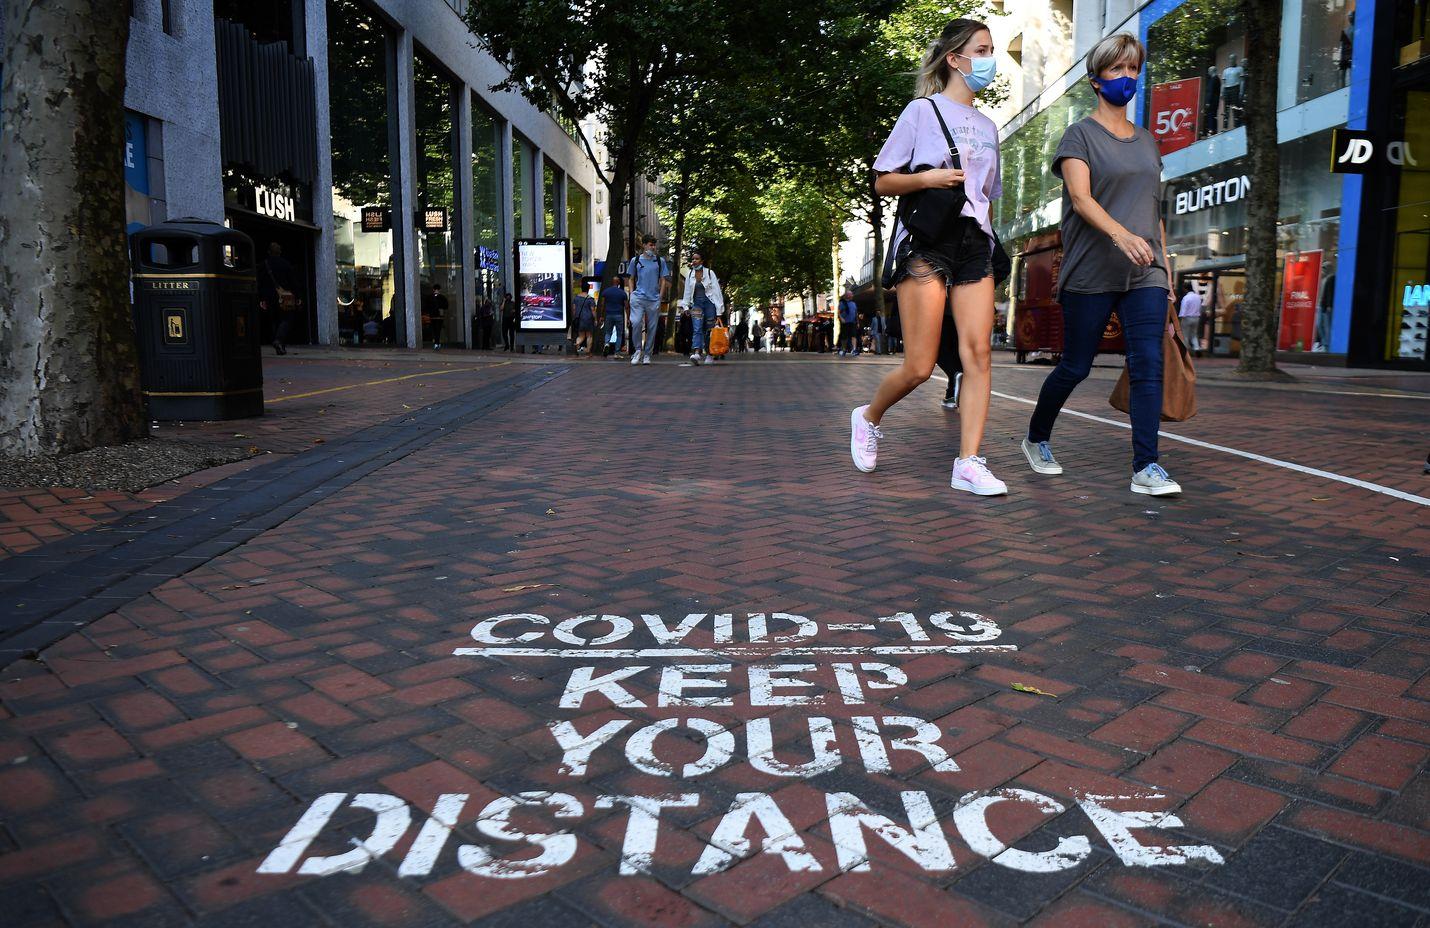 Katuun kirjoitettu teksti muistutti välimatkan pitämisestä koronavirustilanteen takia Birminghamissa Britanniassa 13. syyskuuta. Birmingham on yksi pahiten koronaviruksesta kärsineistä kaupungeista Britanniassa.